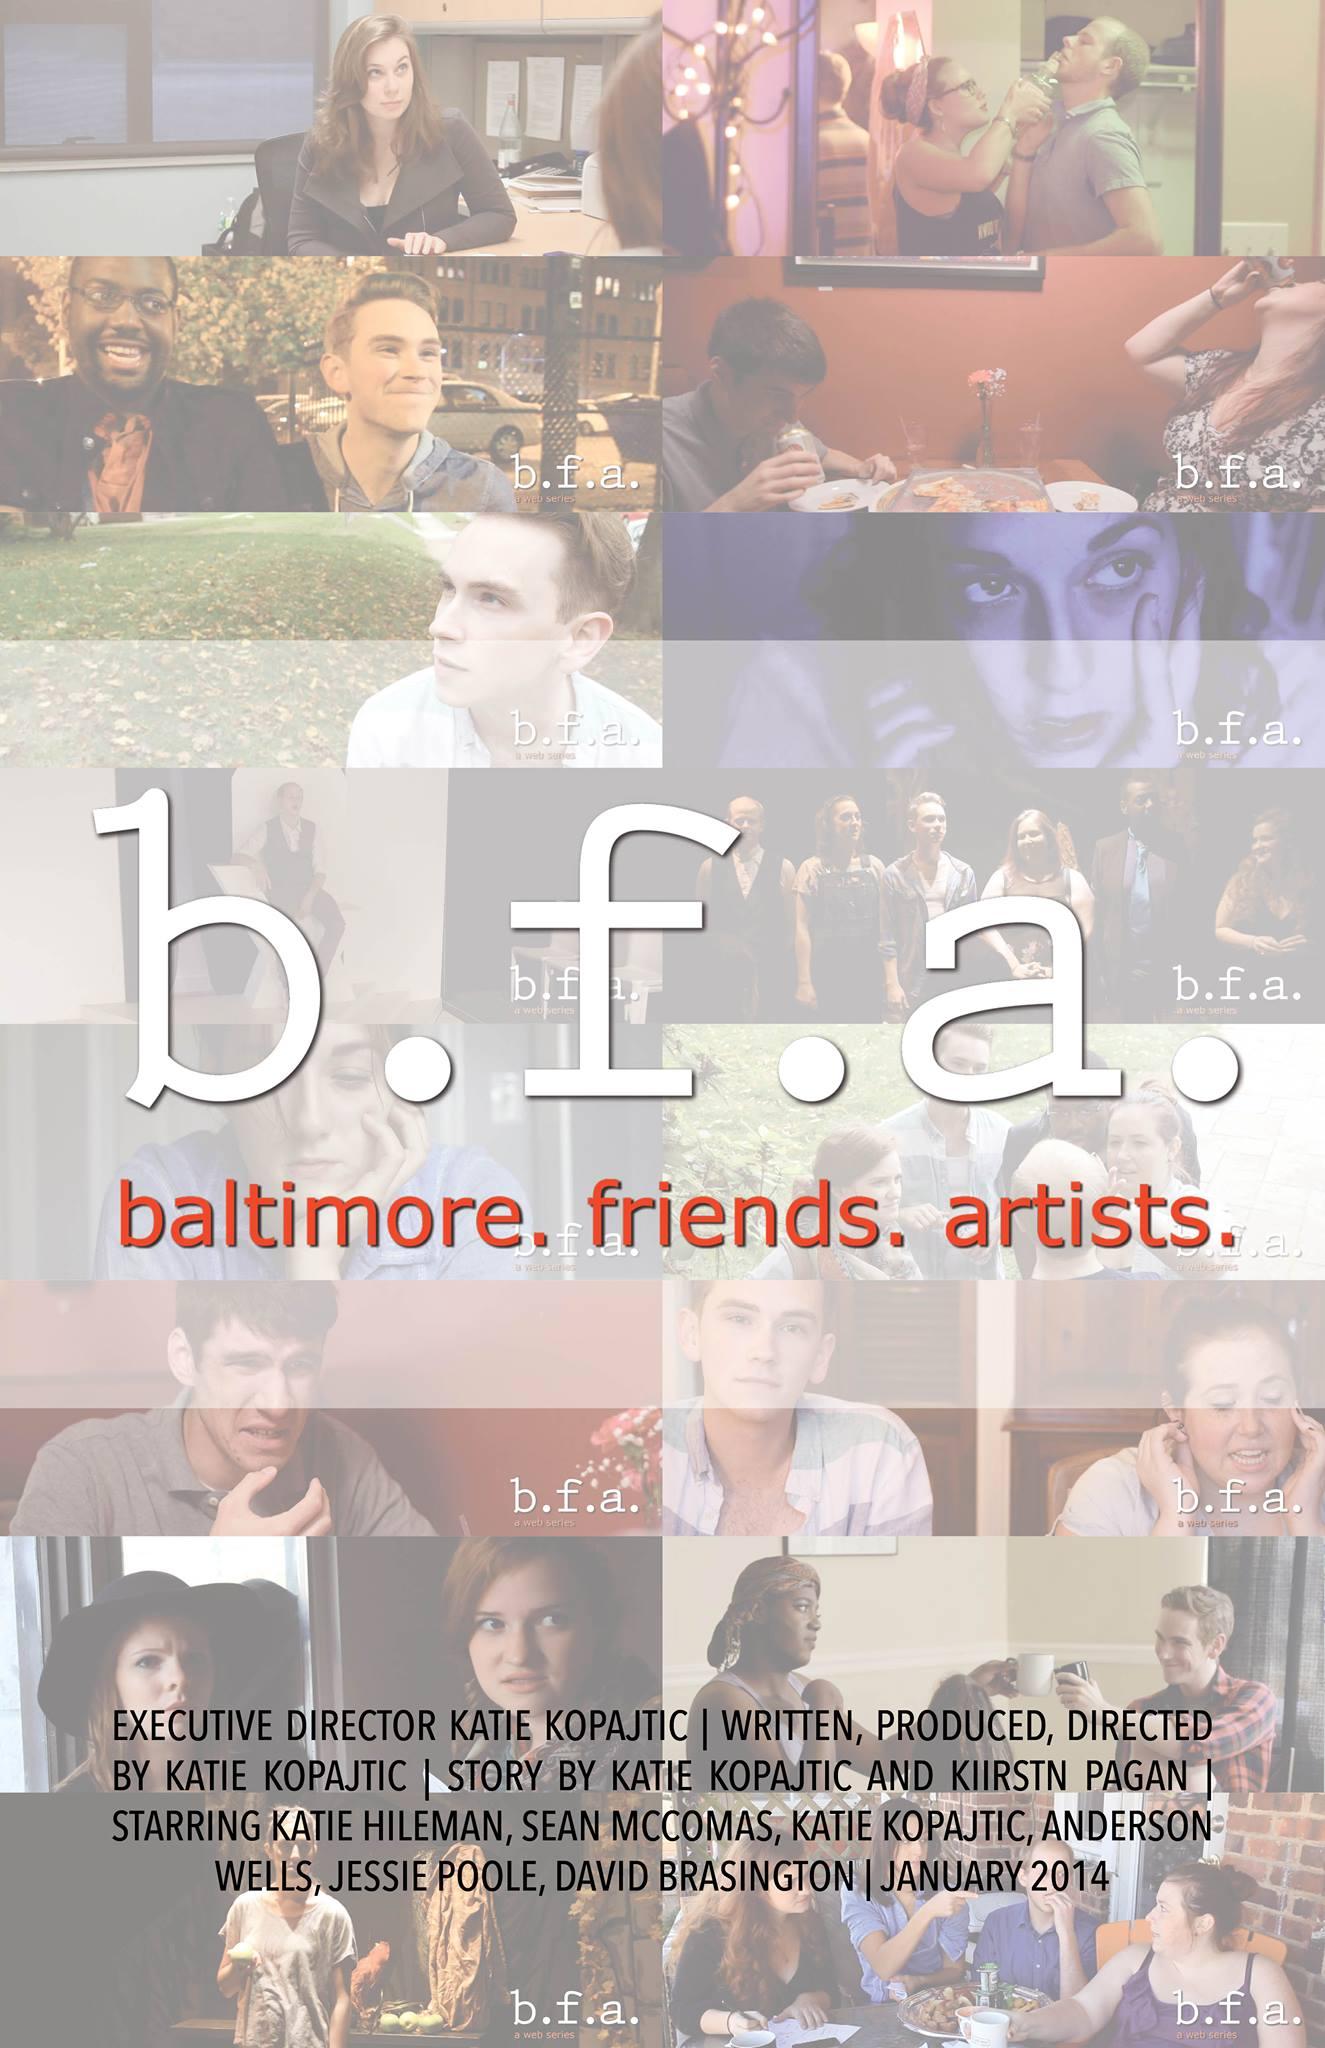 BFA. The Series